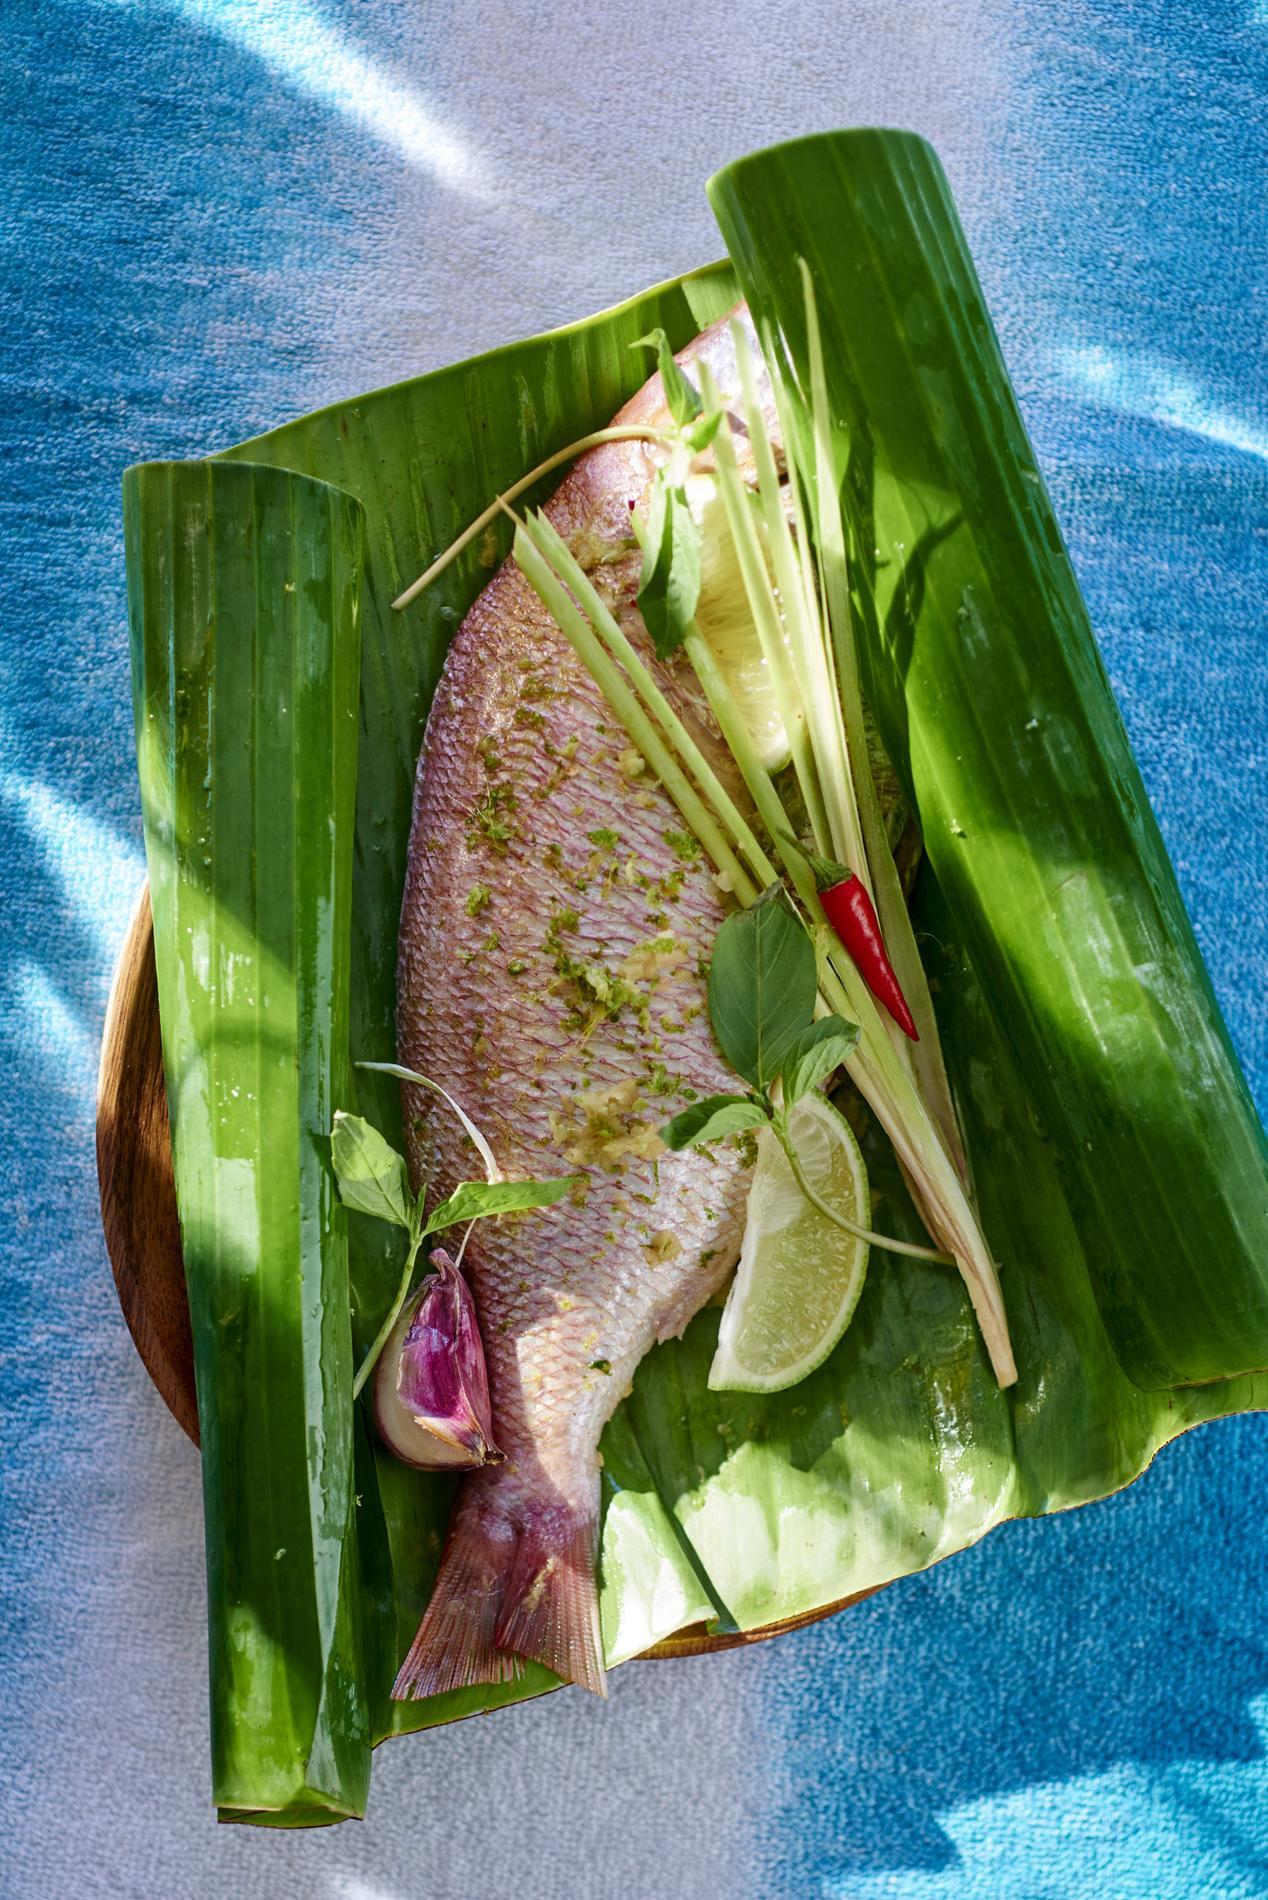 Relativ Plat cuisine antillaise : Recettes faciles et rapides - IX09